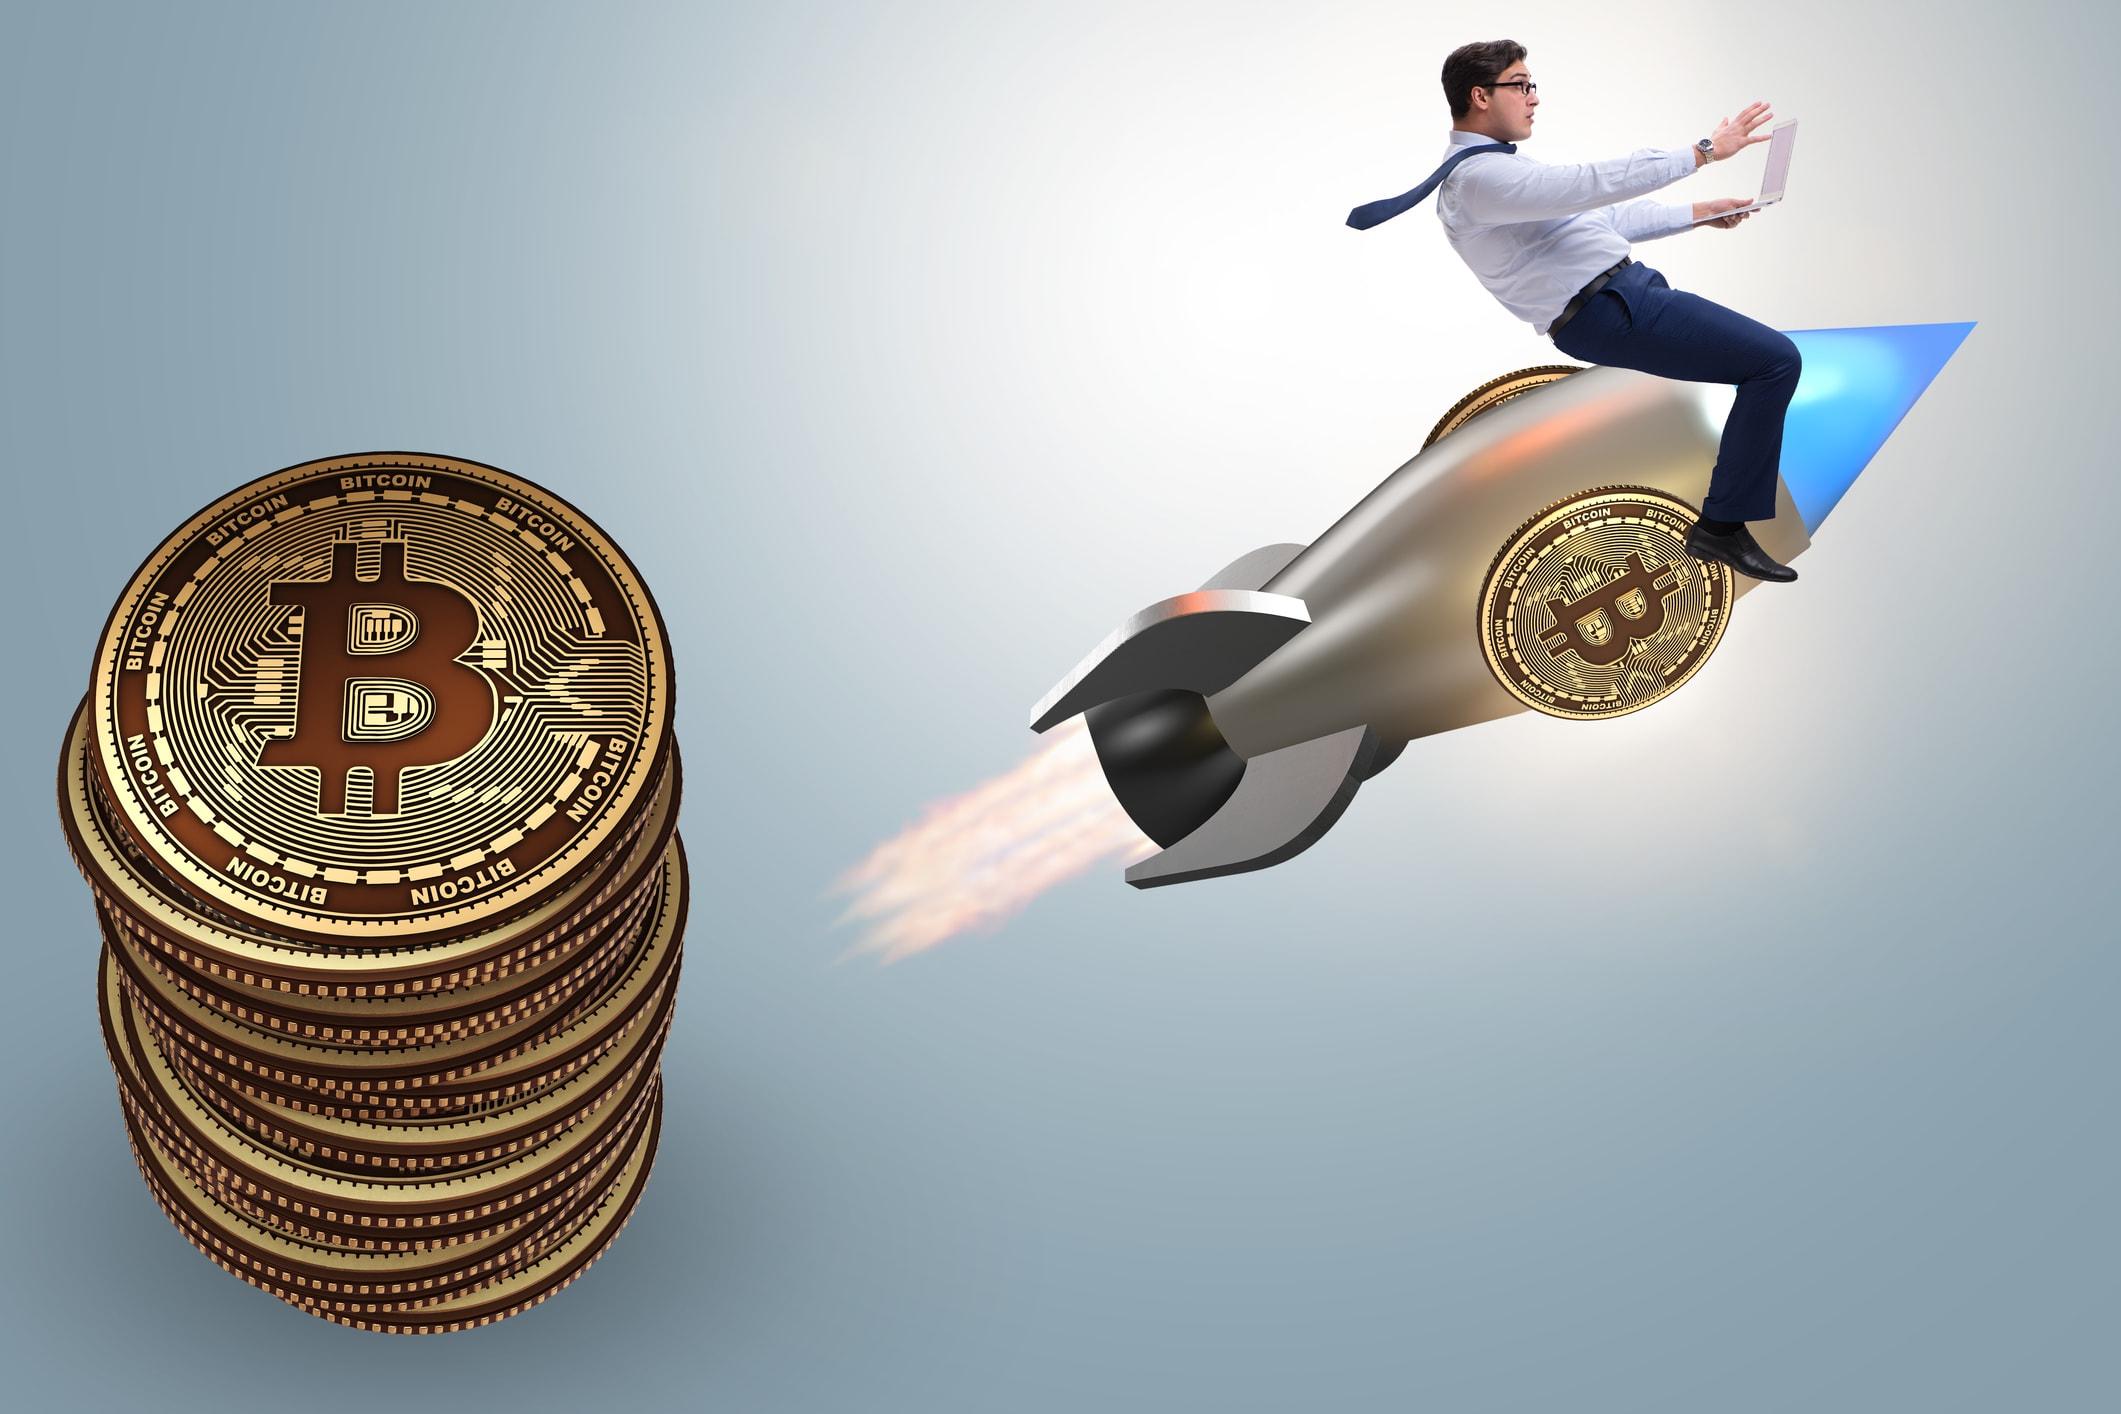 moon capital price bitcoin 98 million